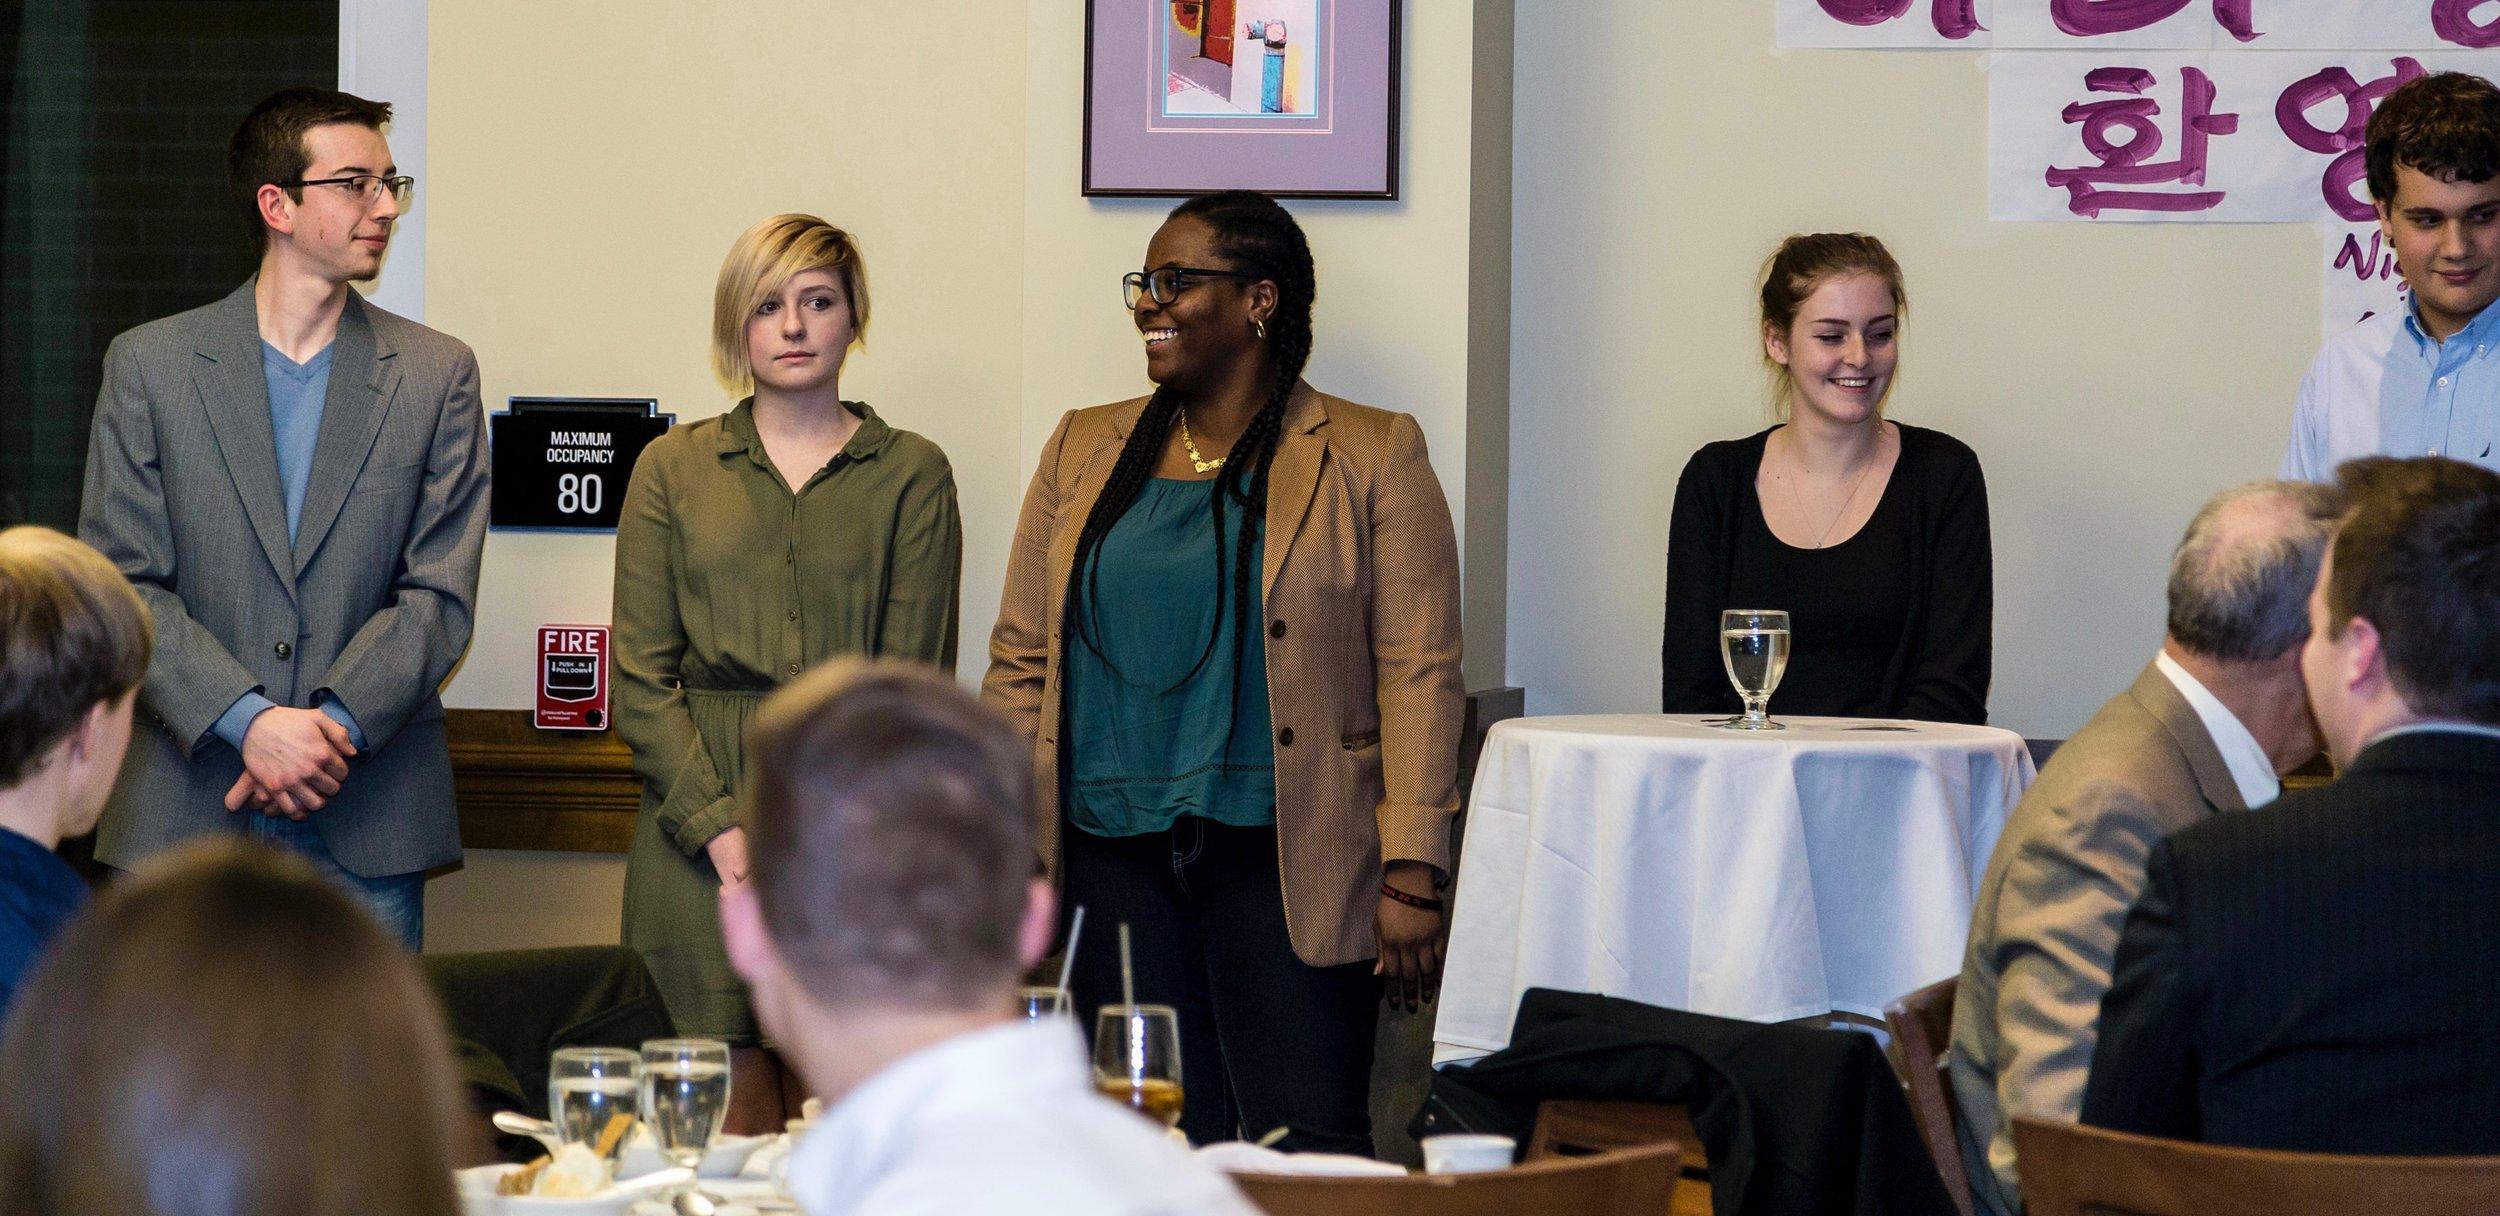 아리랑문화클럽 지도력 팀, From left to right; Bernard Garwig, Hadley May, Jenbli Cox, and Joise Meagher